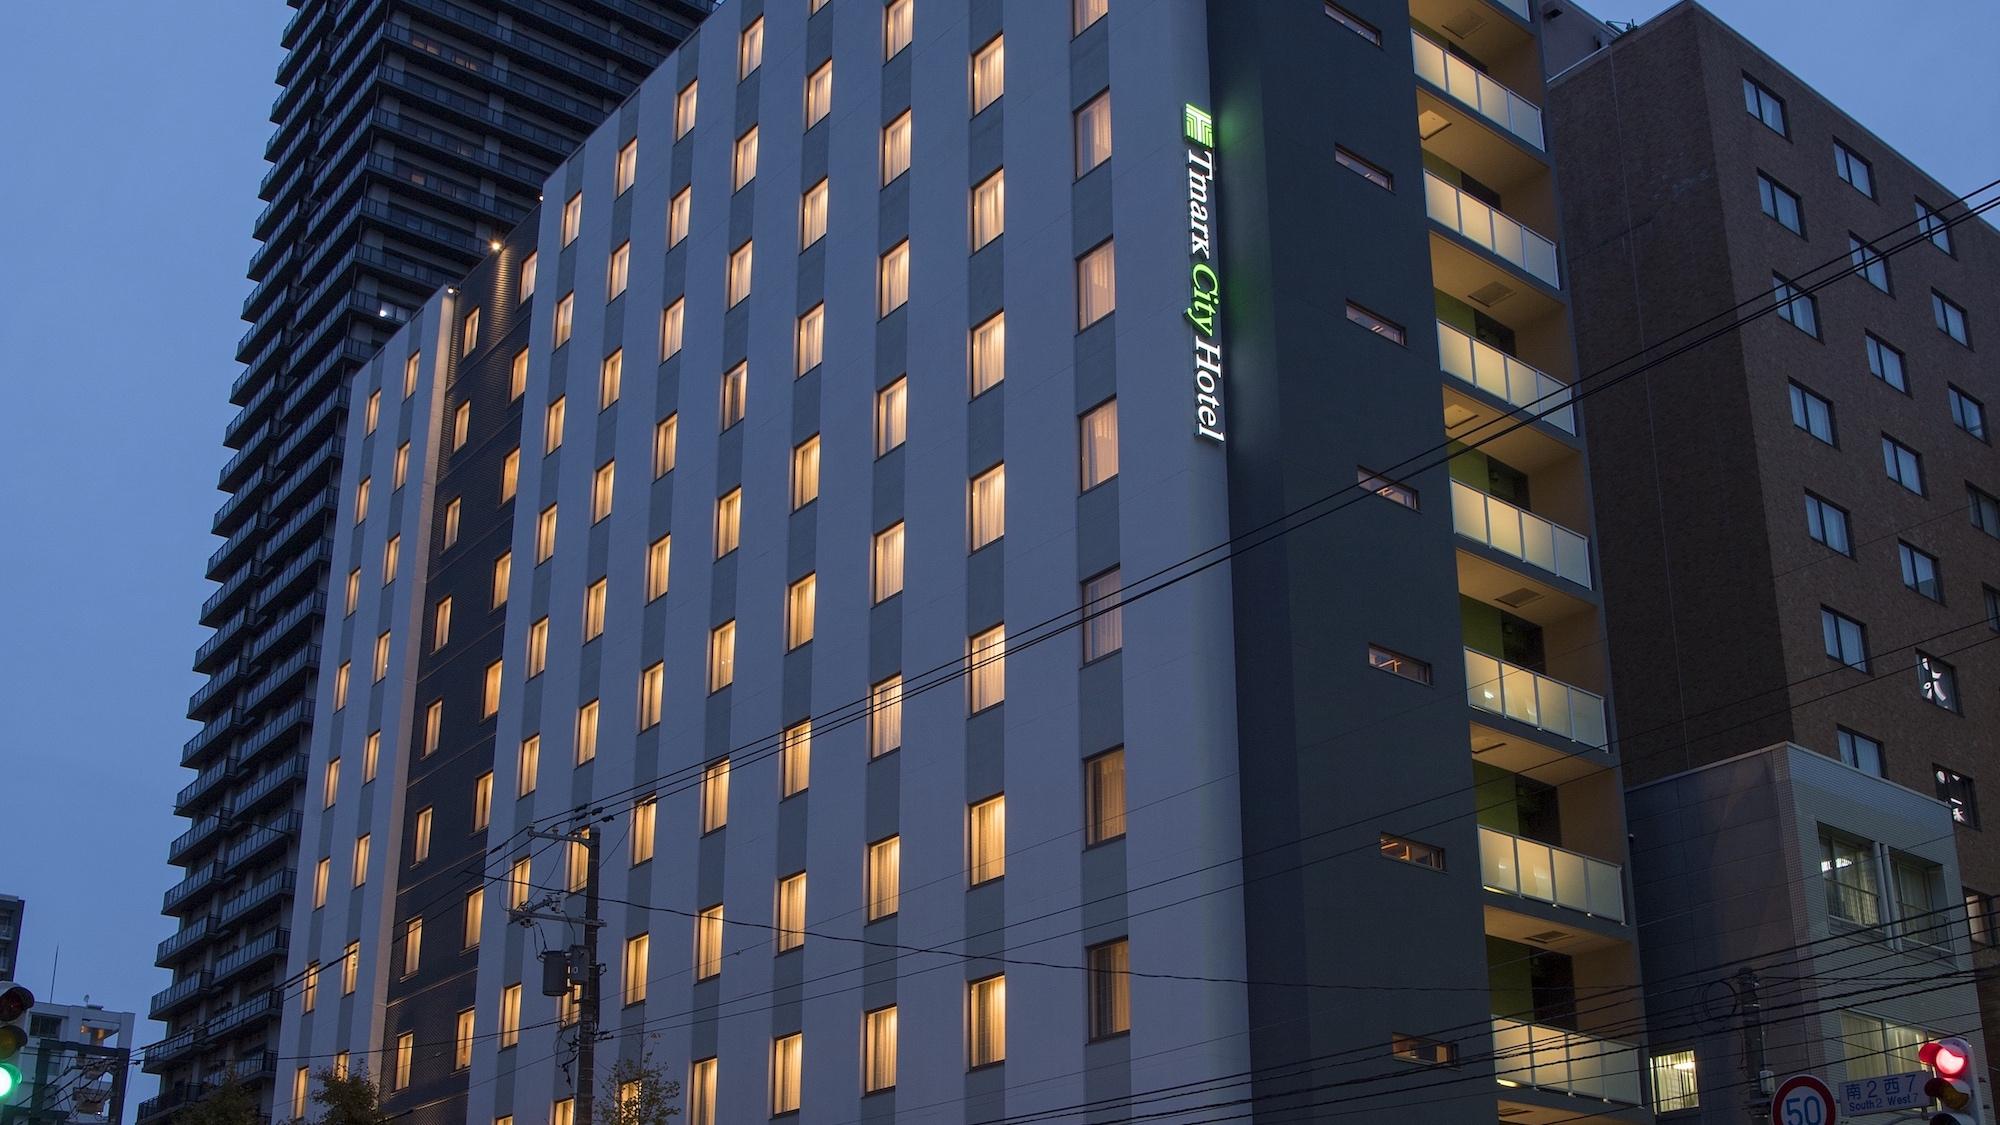 Tマークシティホテル札幌大通